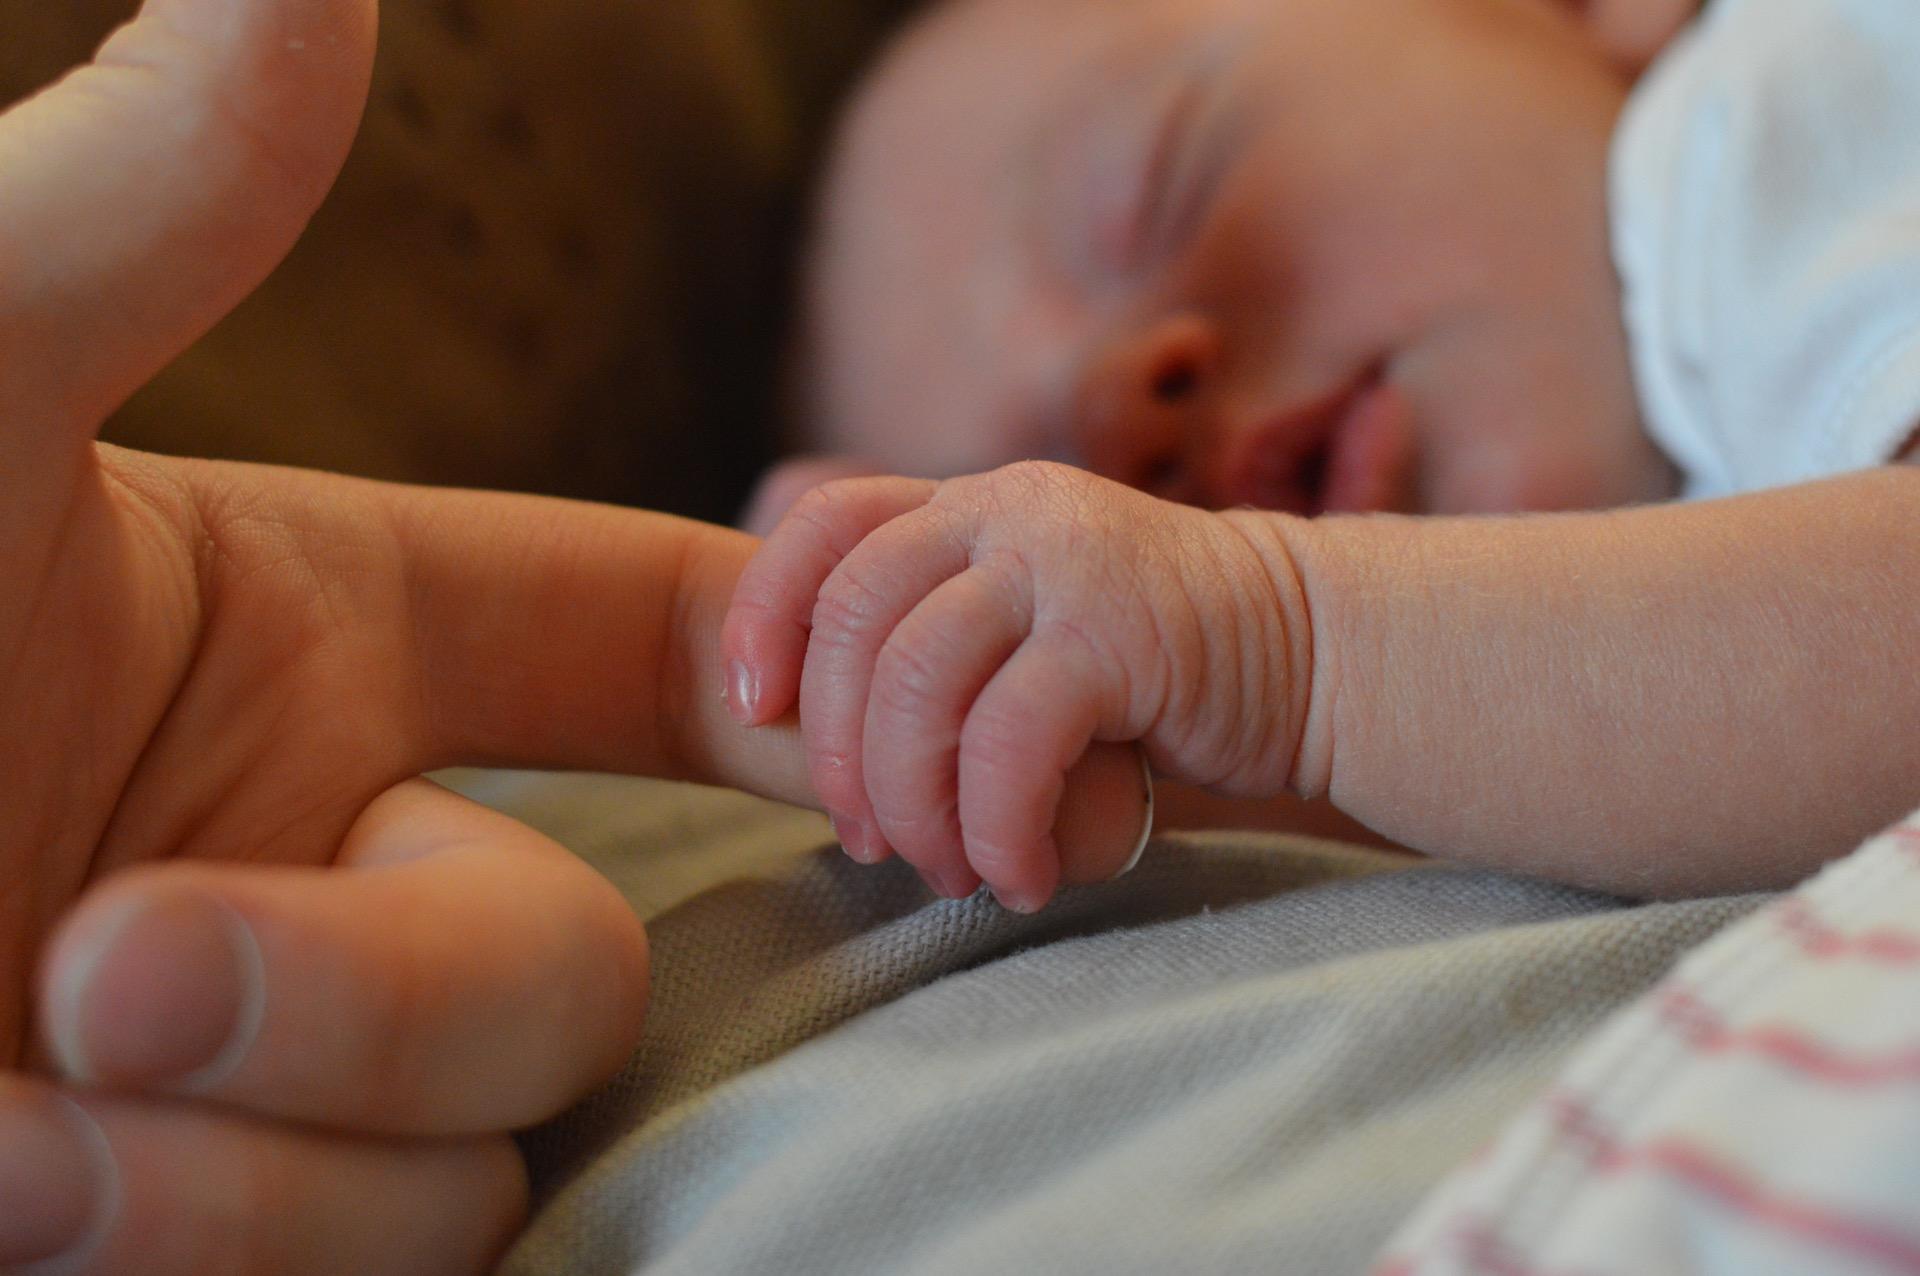 Útero artificial para bebés prematuros testado com sucesso em cordeiros